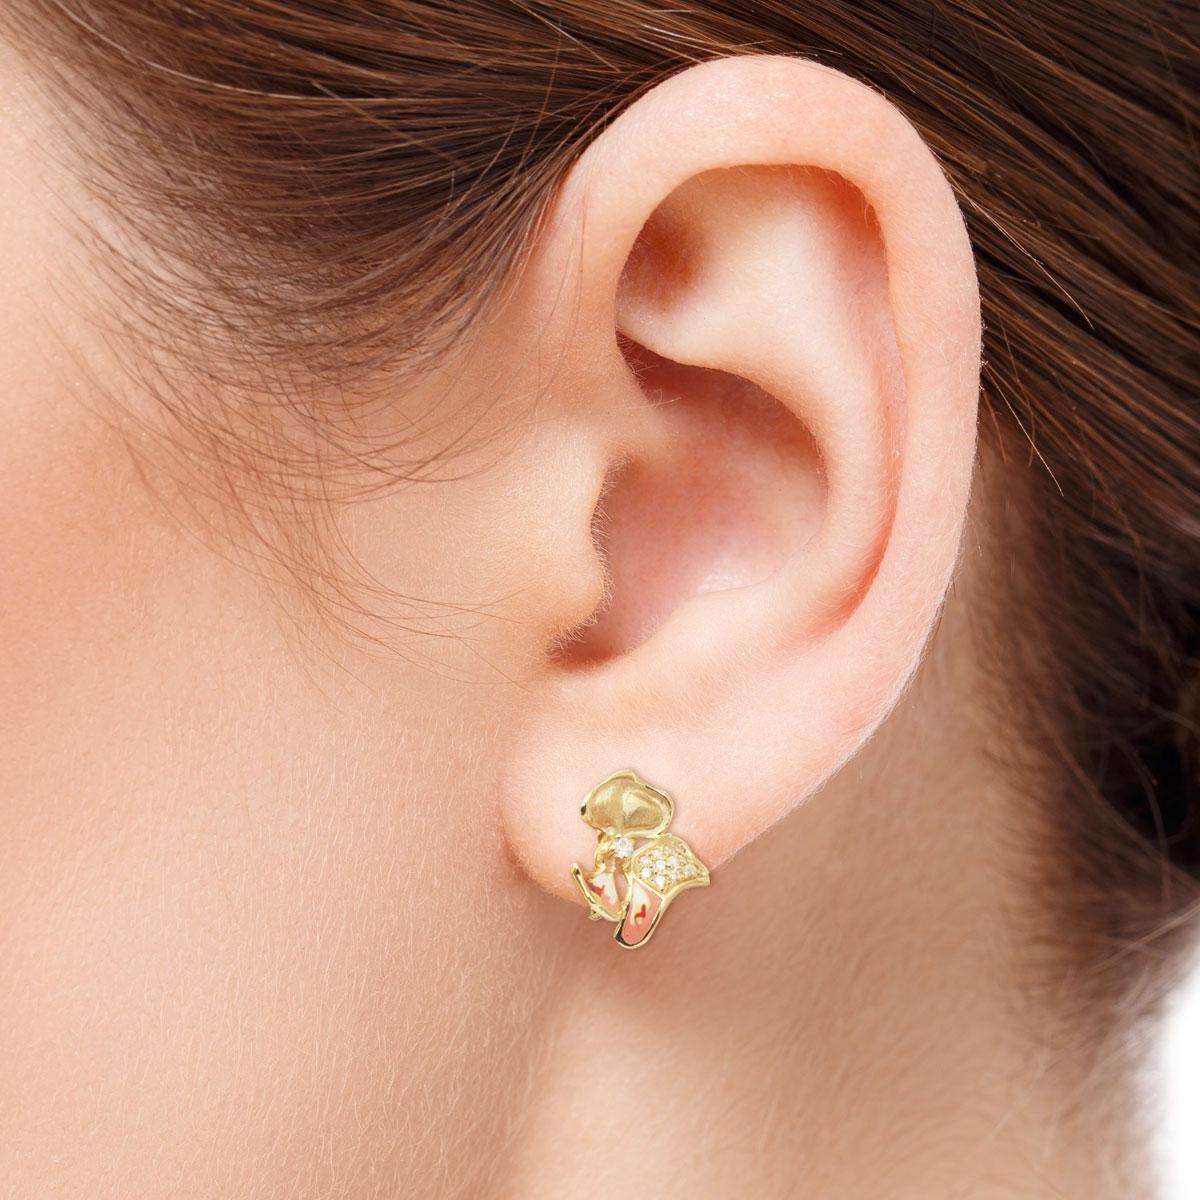 Золоті сережки з цирконієм й емаллю «Магнолія»